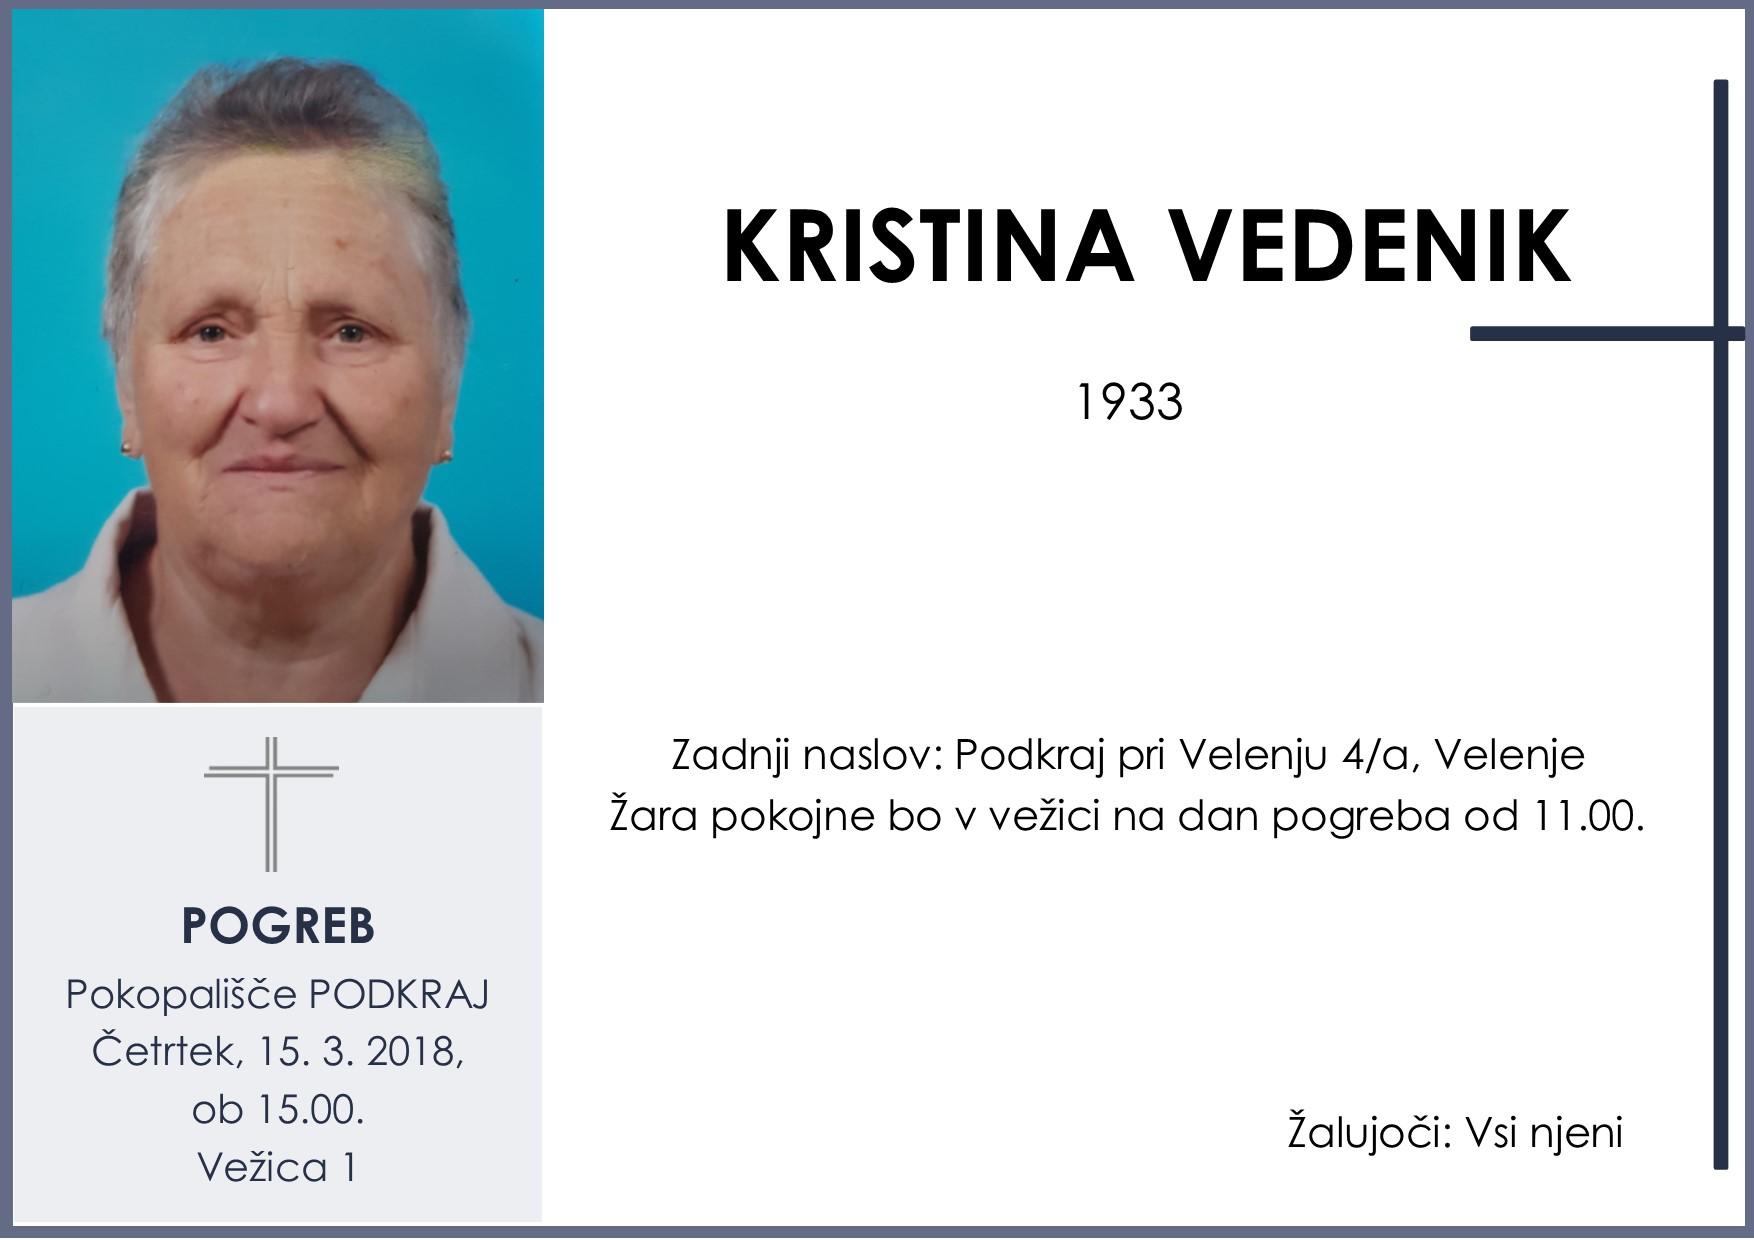 KRISTINA VEDENIK, Podkraj, 15. 03. 2018